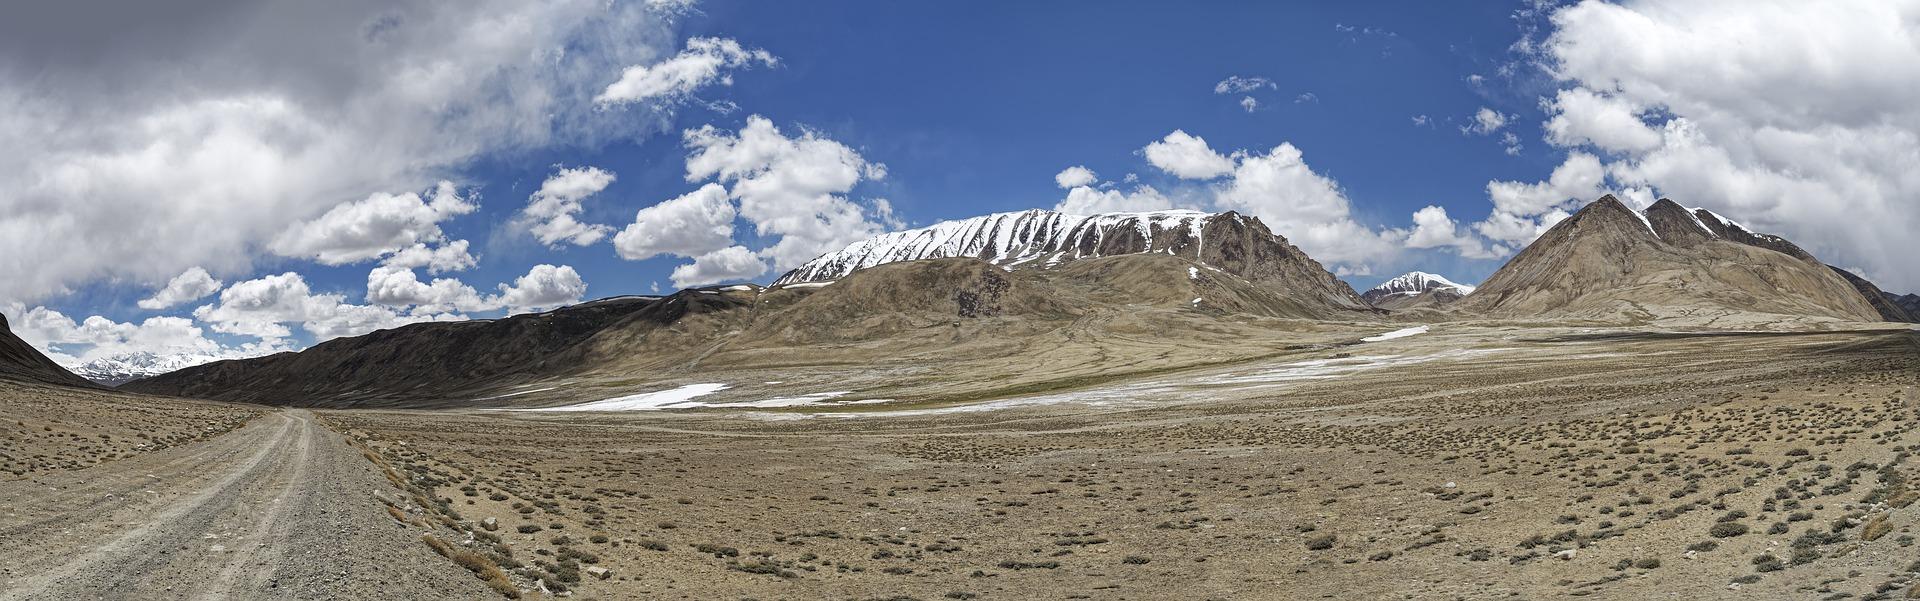 Staubige Straße durch die Berge des Hindukuschs